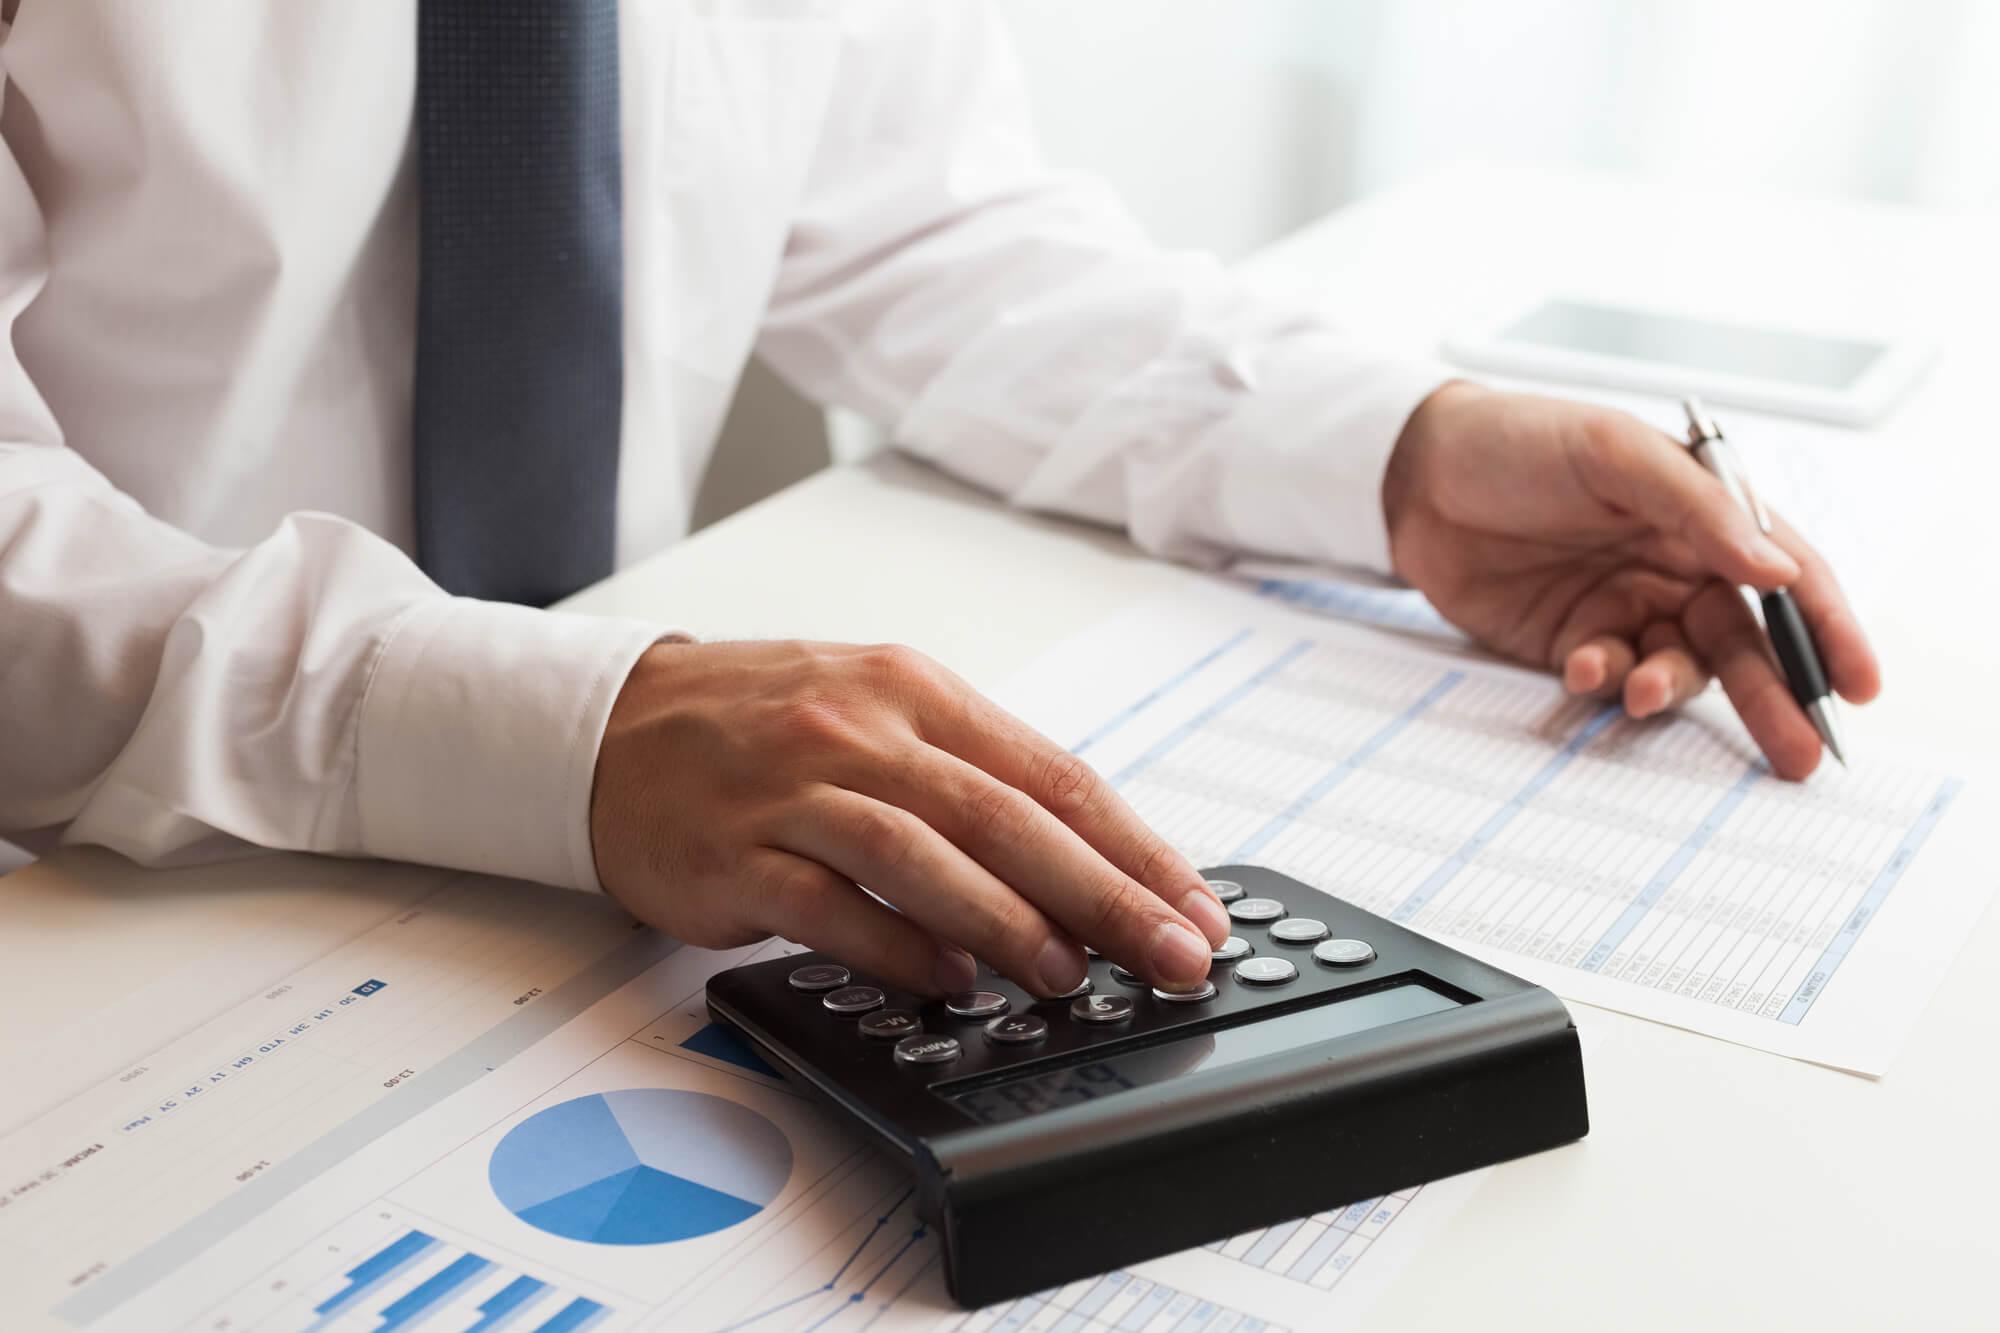 Как посмотреть расходы за месяц в Сбербанке